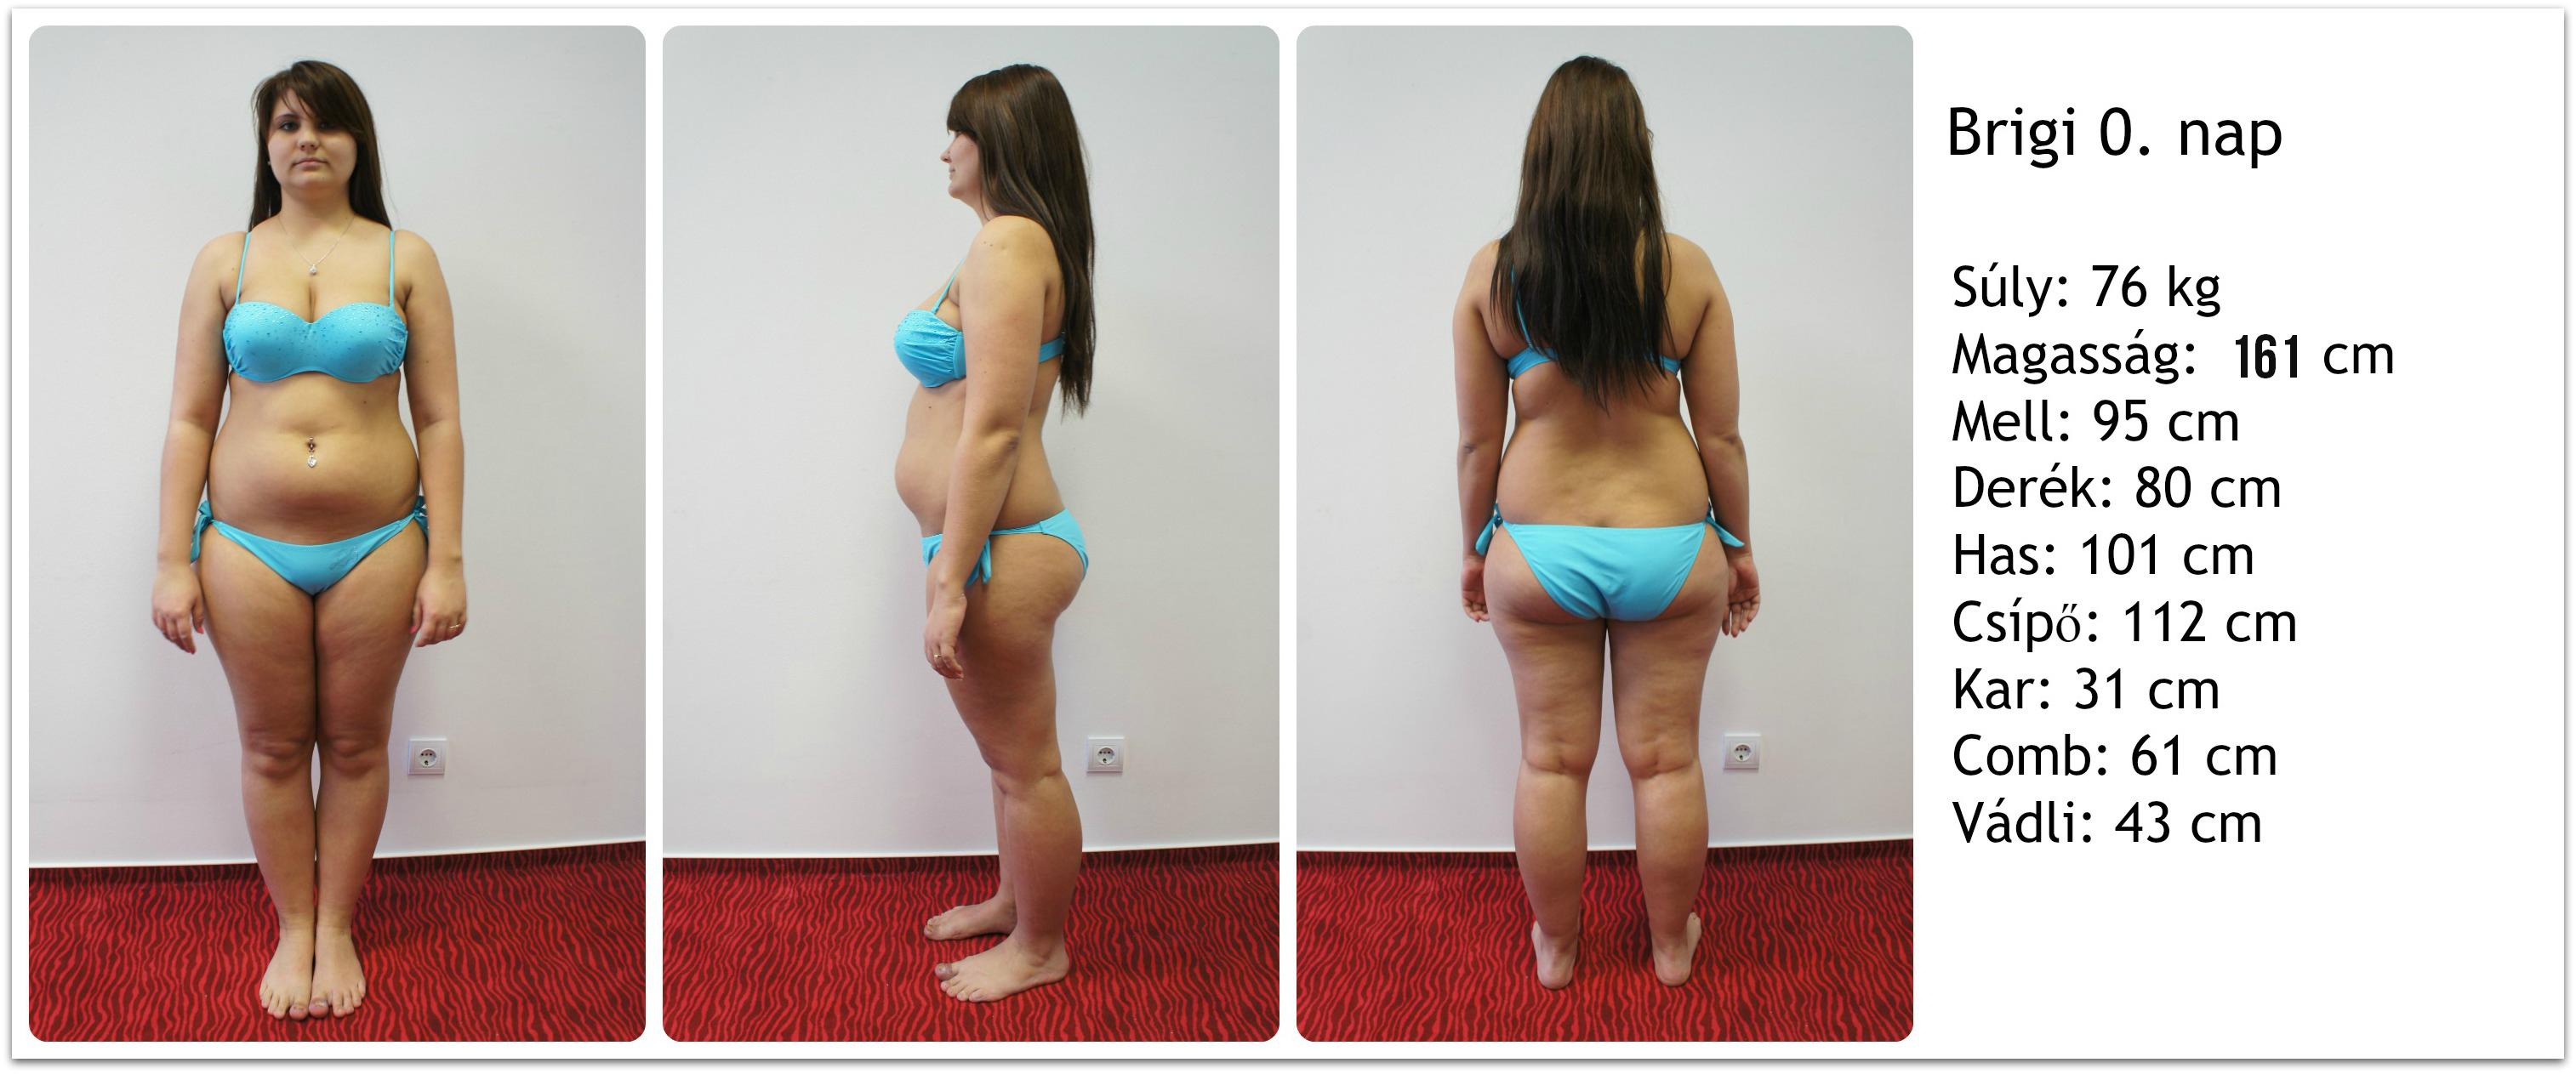 10 kg súlycsökkenés 4 hét alatt karcsúsító bandeau tankini